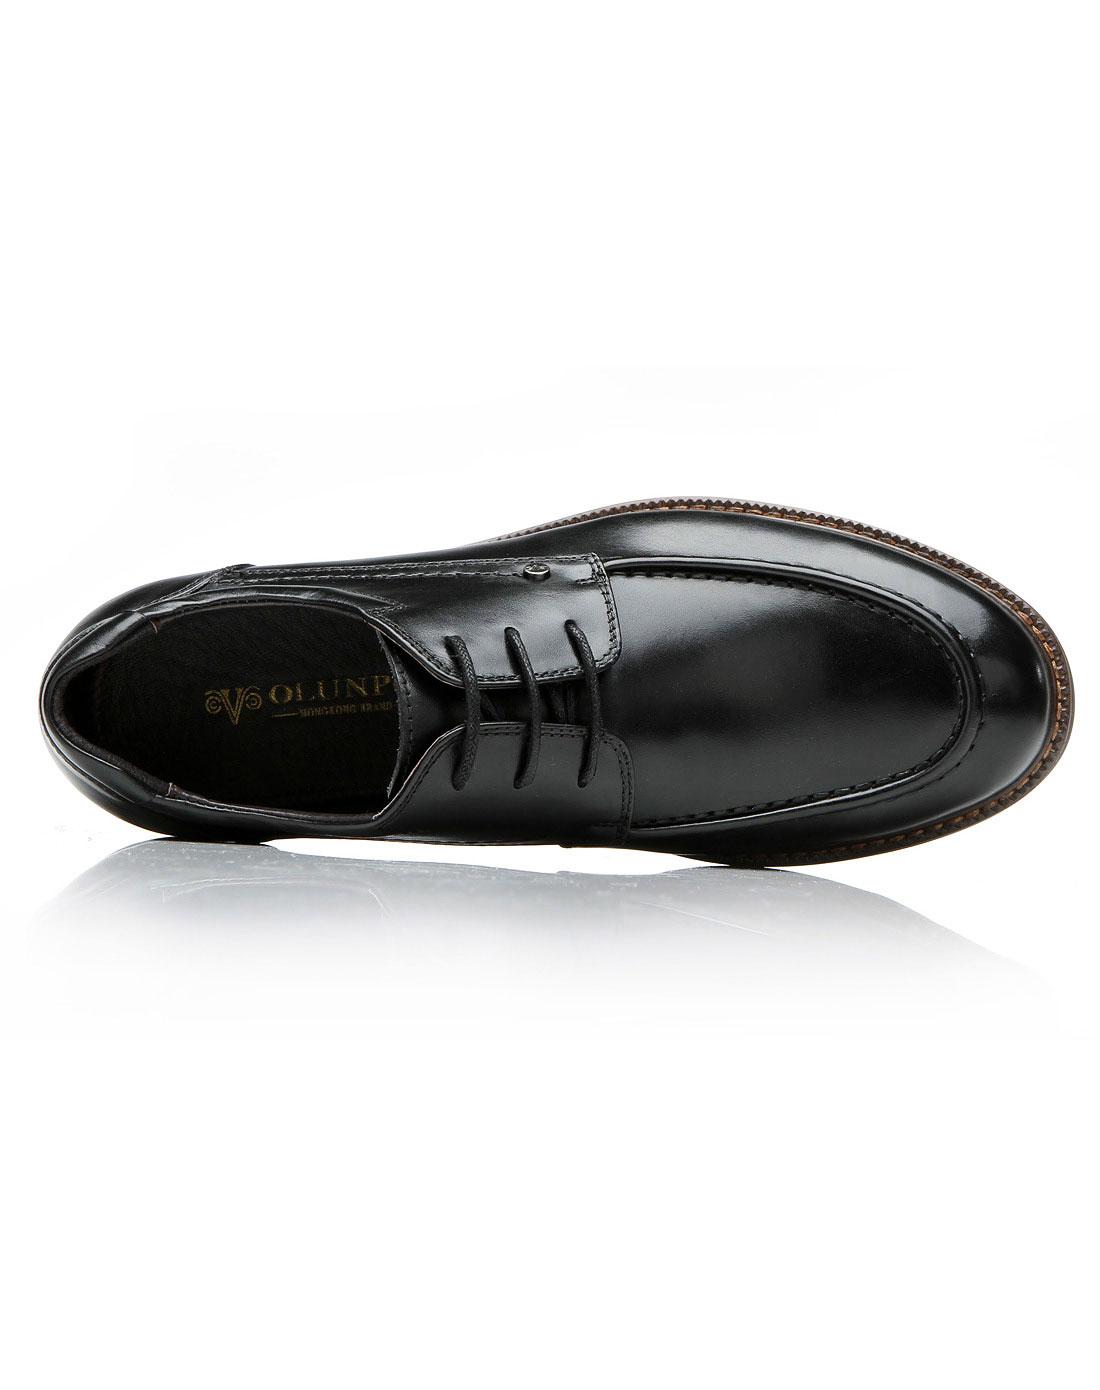 男士黑色商务休闲皮鞋